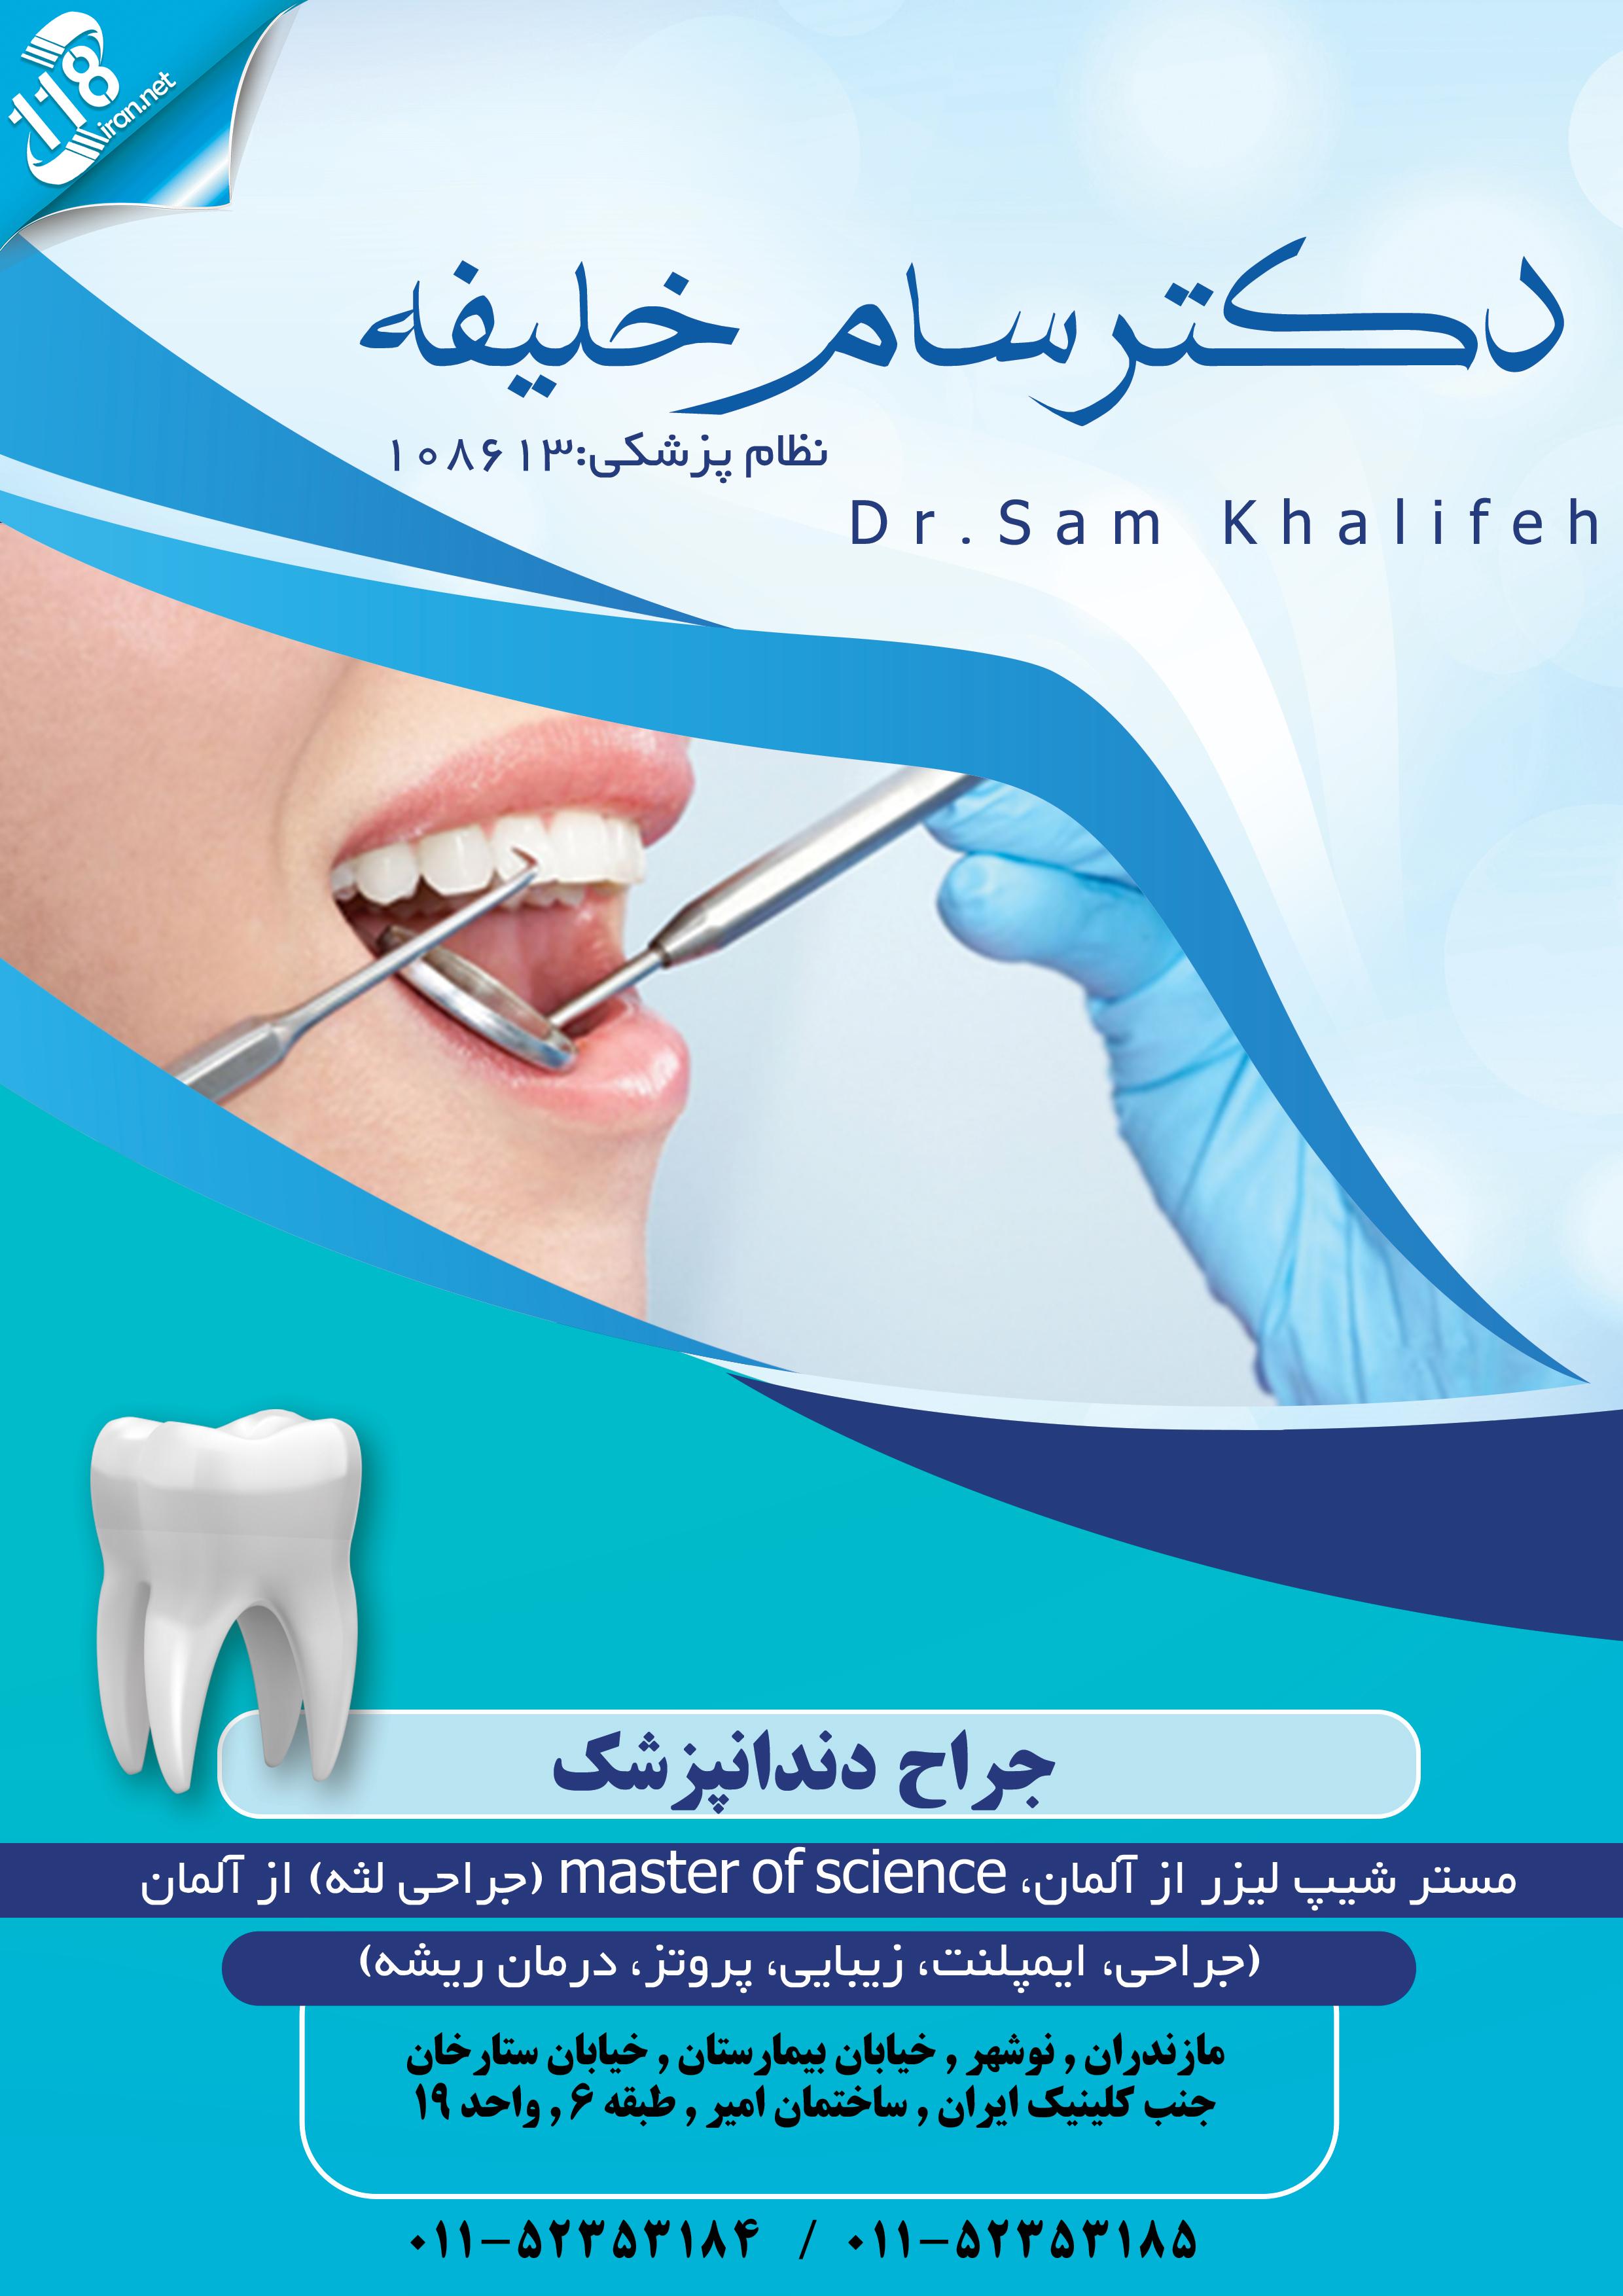 دکتر سام خلیفه